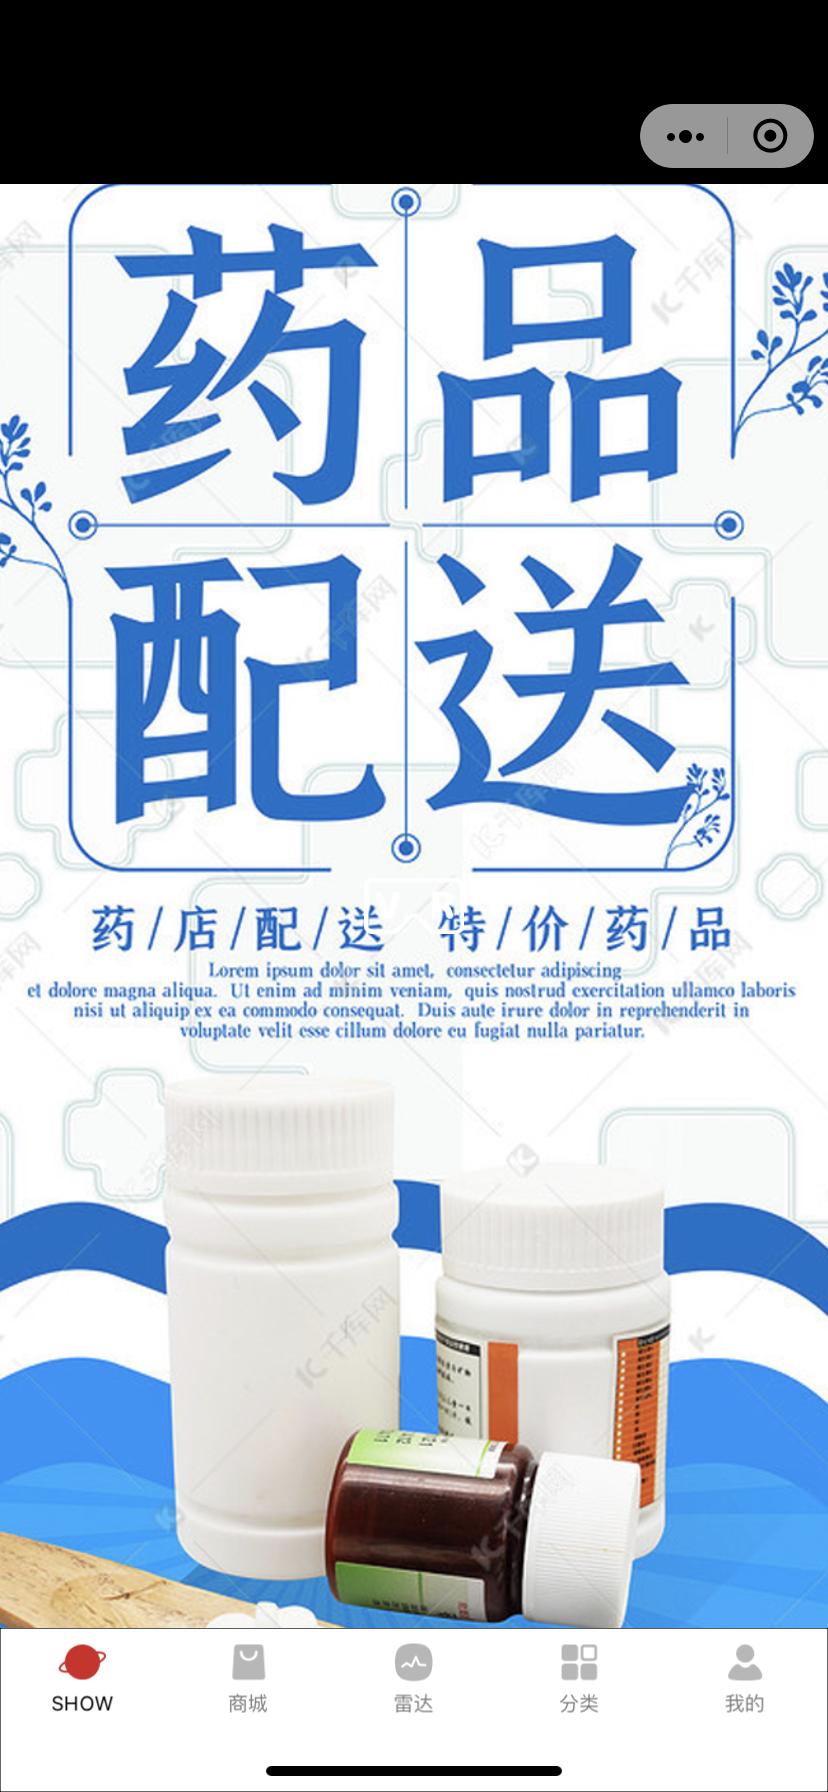 昭通医药服务整合行业招商运营资源的专业平台